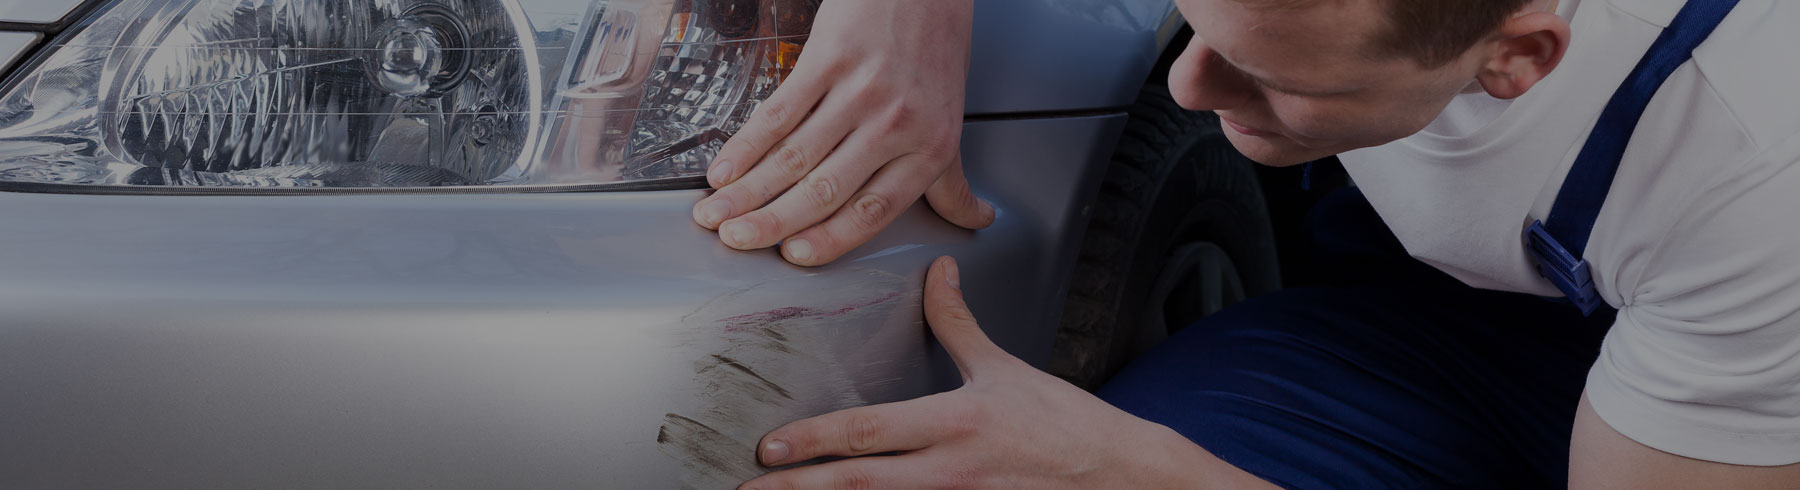 Car Body Repairs Wembley